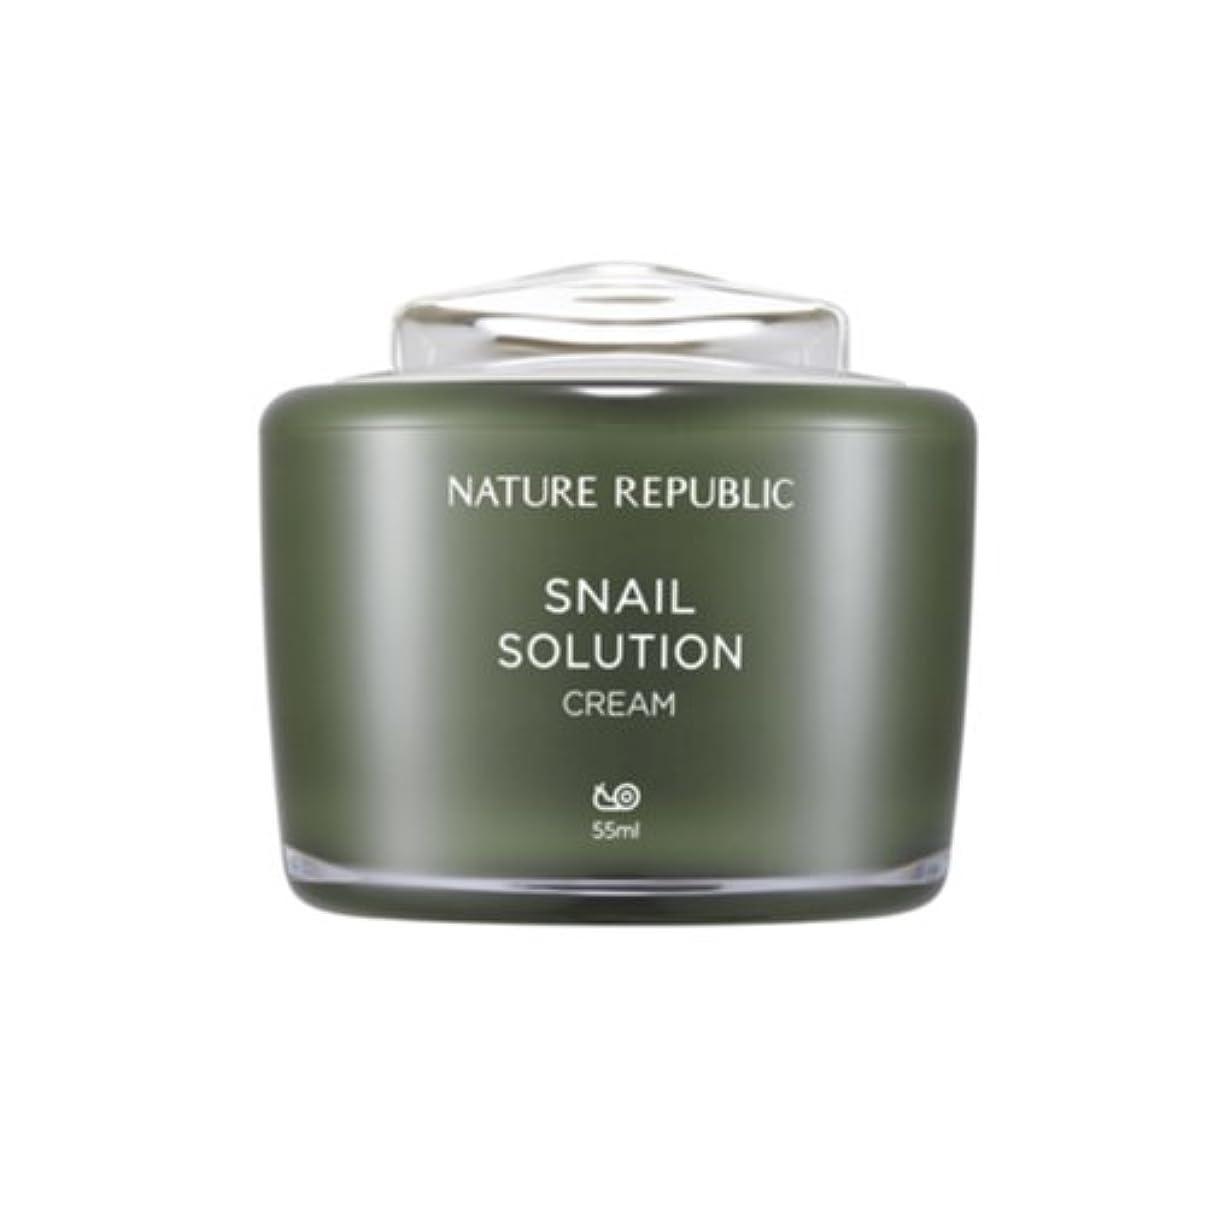 [ネイチャーリパブリック] Nature republicスネイルソリューションクリーム海外直送品(Snail Solution Cream) [並行輸入品]